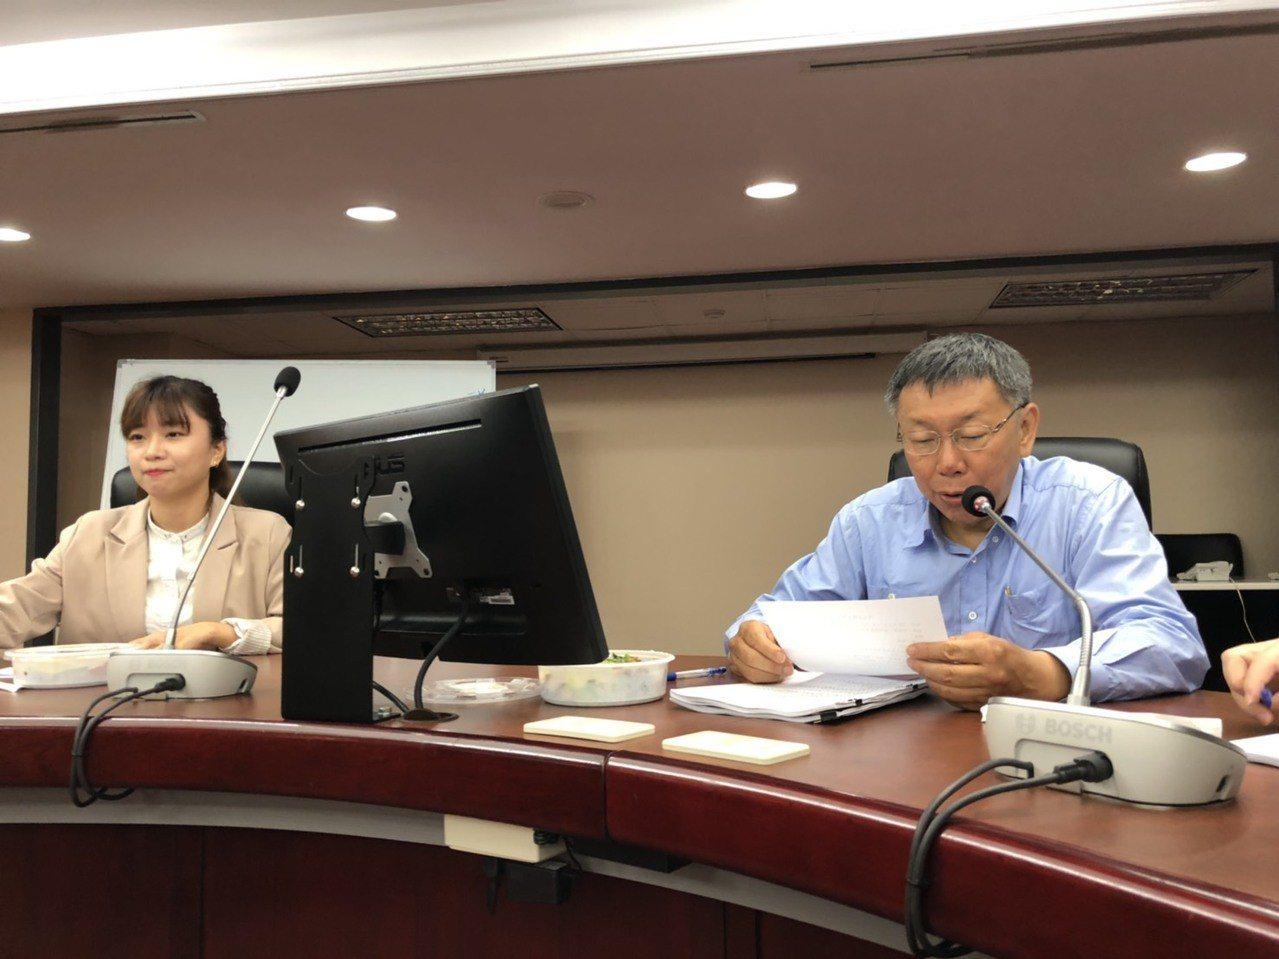 台北市長柯文哲今天中午將前往市議會拜會時代力量黨團,由於柯文哲日前受訪時曾坦言確...